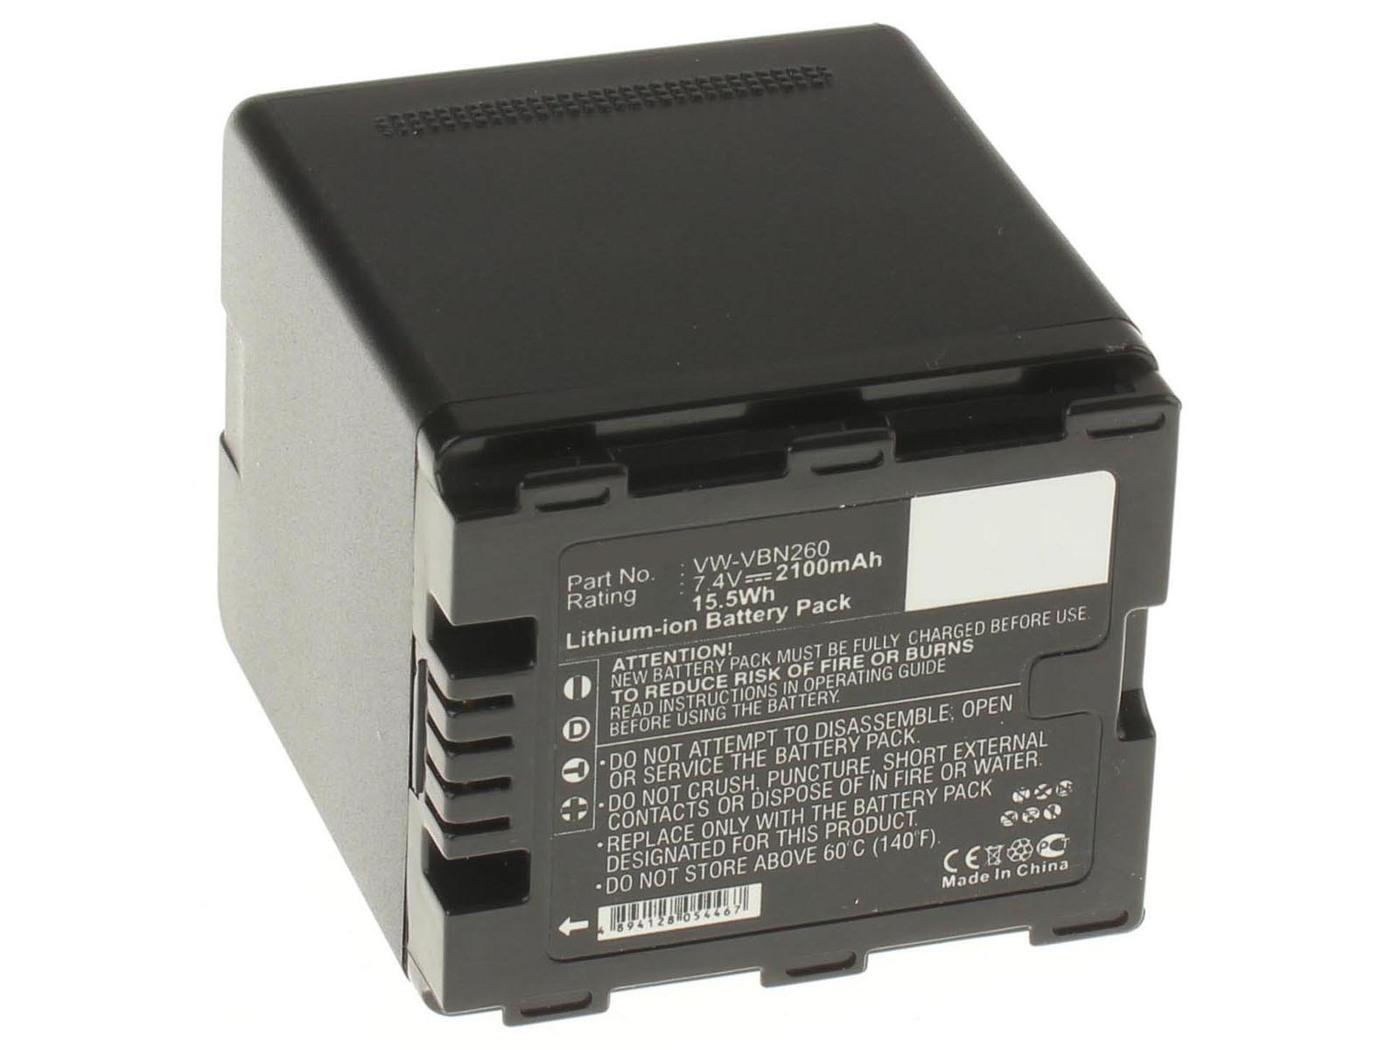 Аккумуляторная батарея iBatt iB-T1-F229 2100mAh для камер Panasonic HC-X800, HC-X920, HDC-SD800, HC-X900, HC-X810, HDC-TM900, HC-X900M, HDC-SD900, HDC-HS900, HDC-TM900K, HC-X800GK, HC-X900K, HC-X909, HDC-HS900GK, HDC-HS900K,